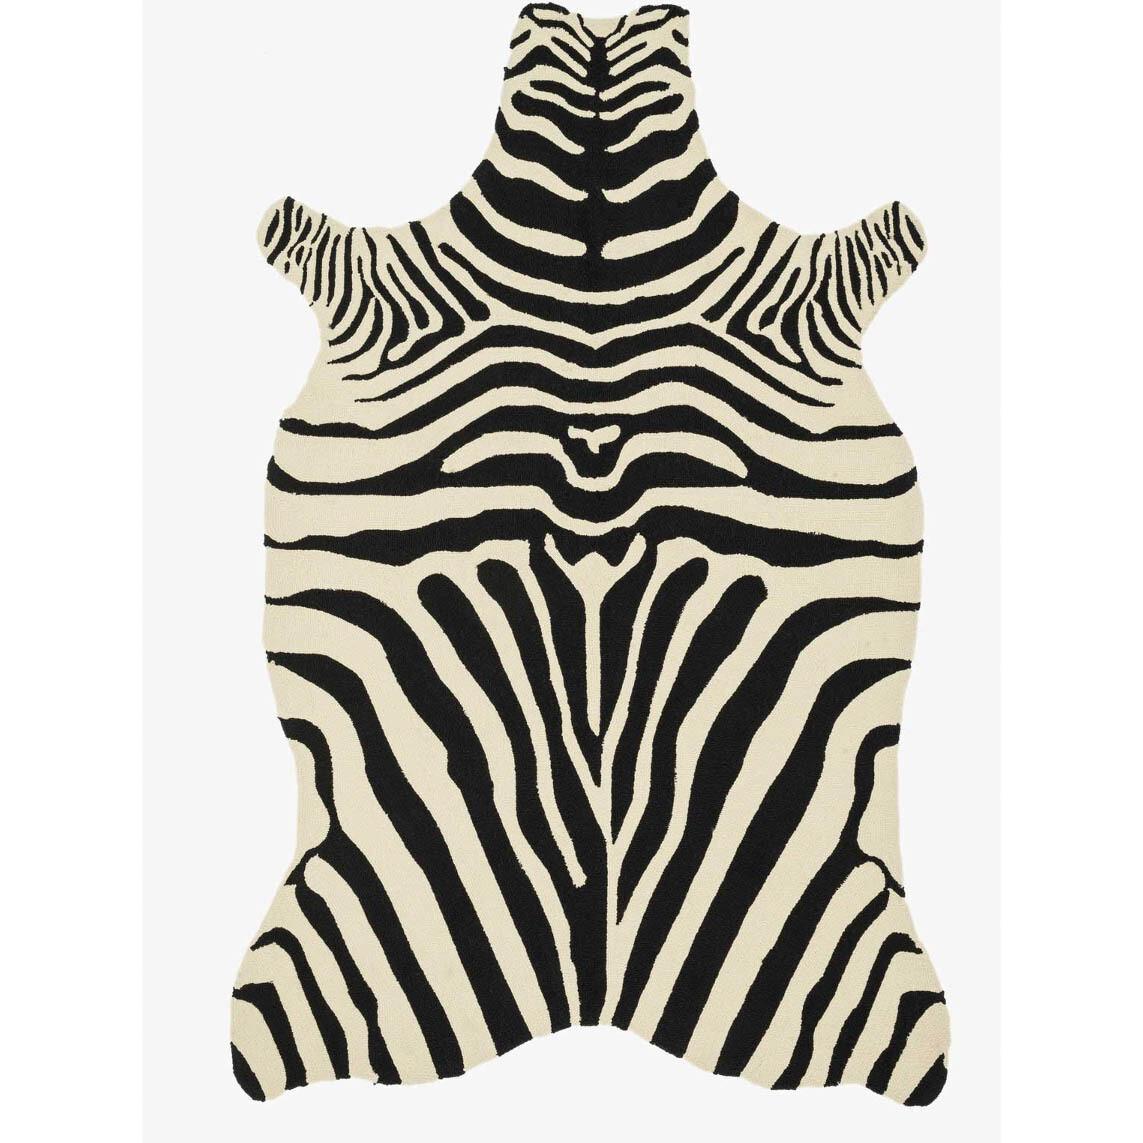 Black Zebra Woven Rug